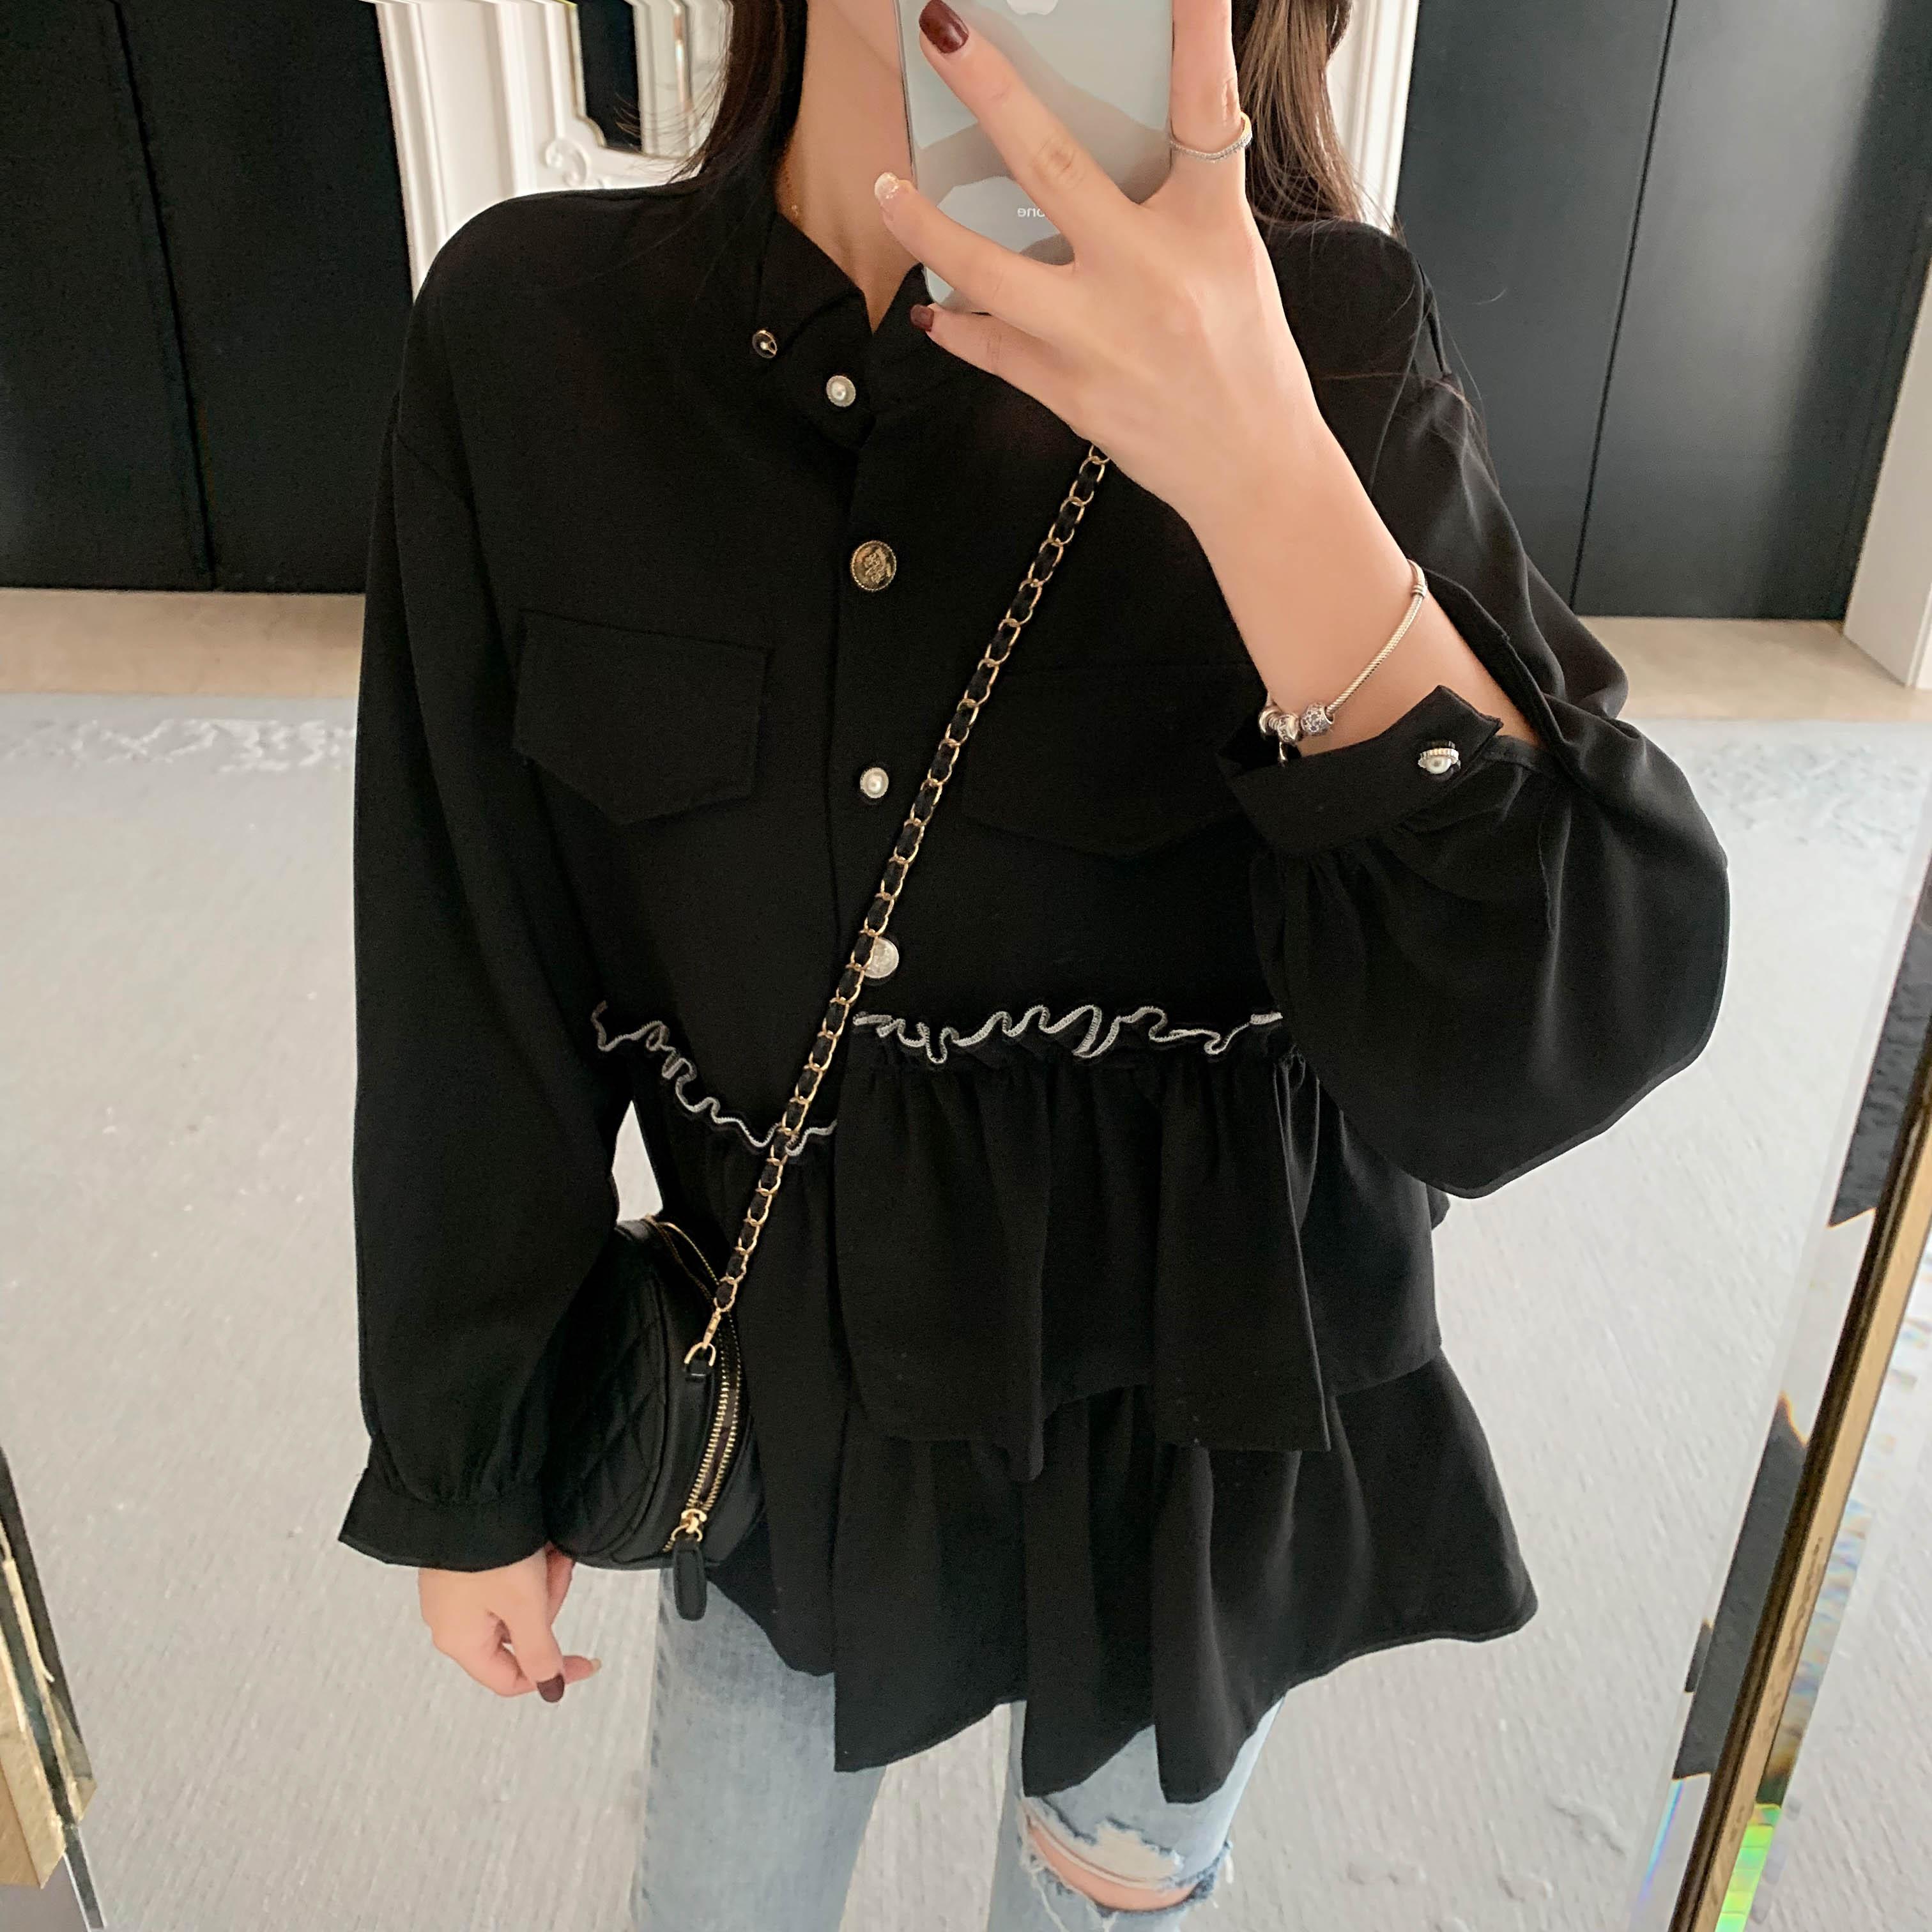 實拍實價2019秋季新款韓版復古黑色襯衫女長袖荷葉邊不規則復古